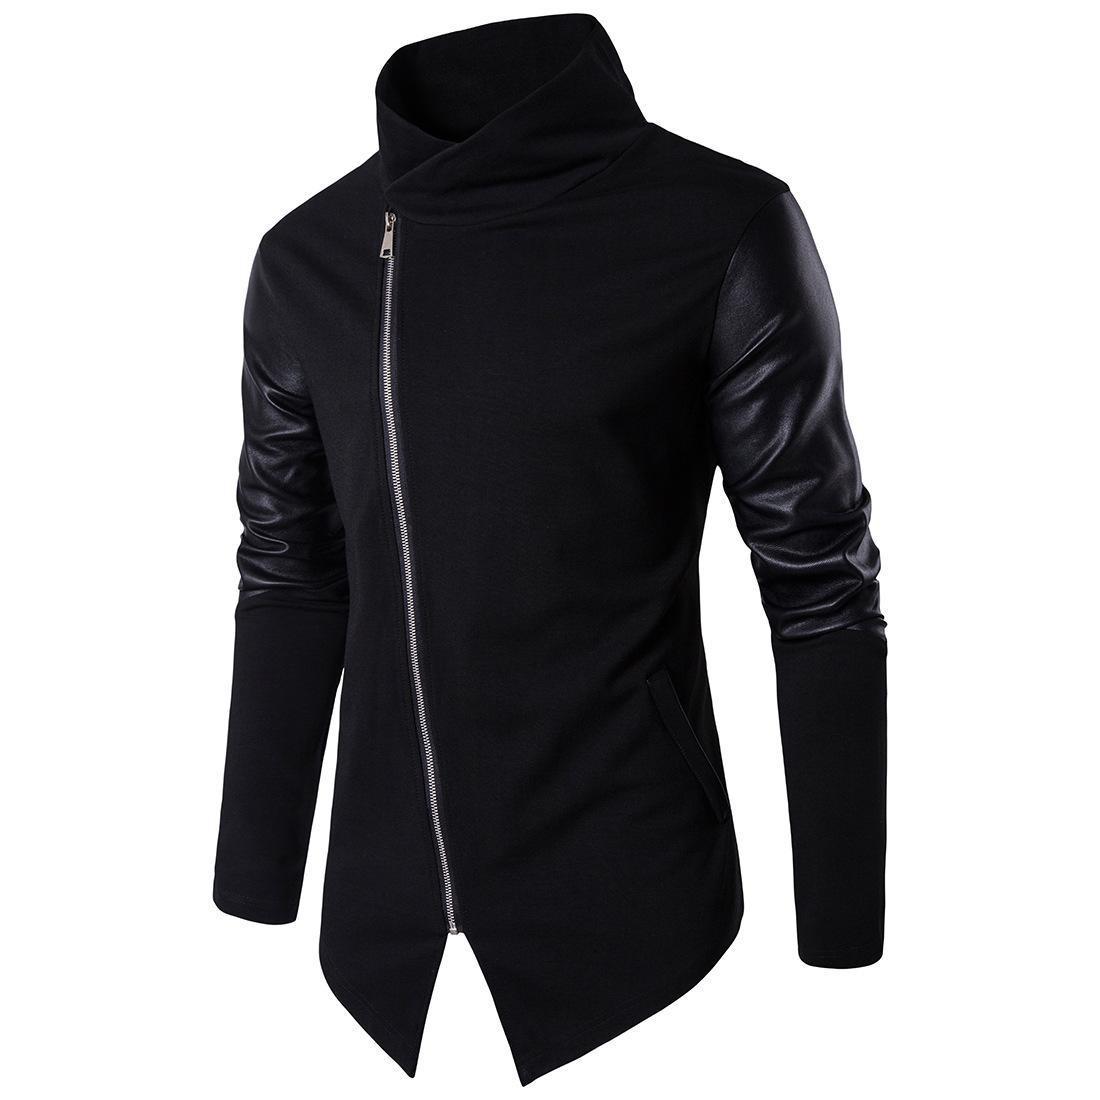 nouveau stand col Sweat à capuche pur coton Livraison gratuite sweat à capuche tricoté cuir patchwork tricot sweat shirt couleur noire